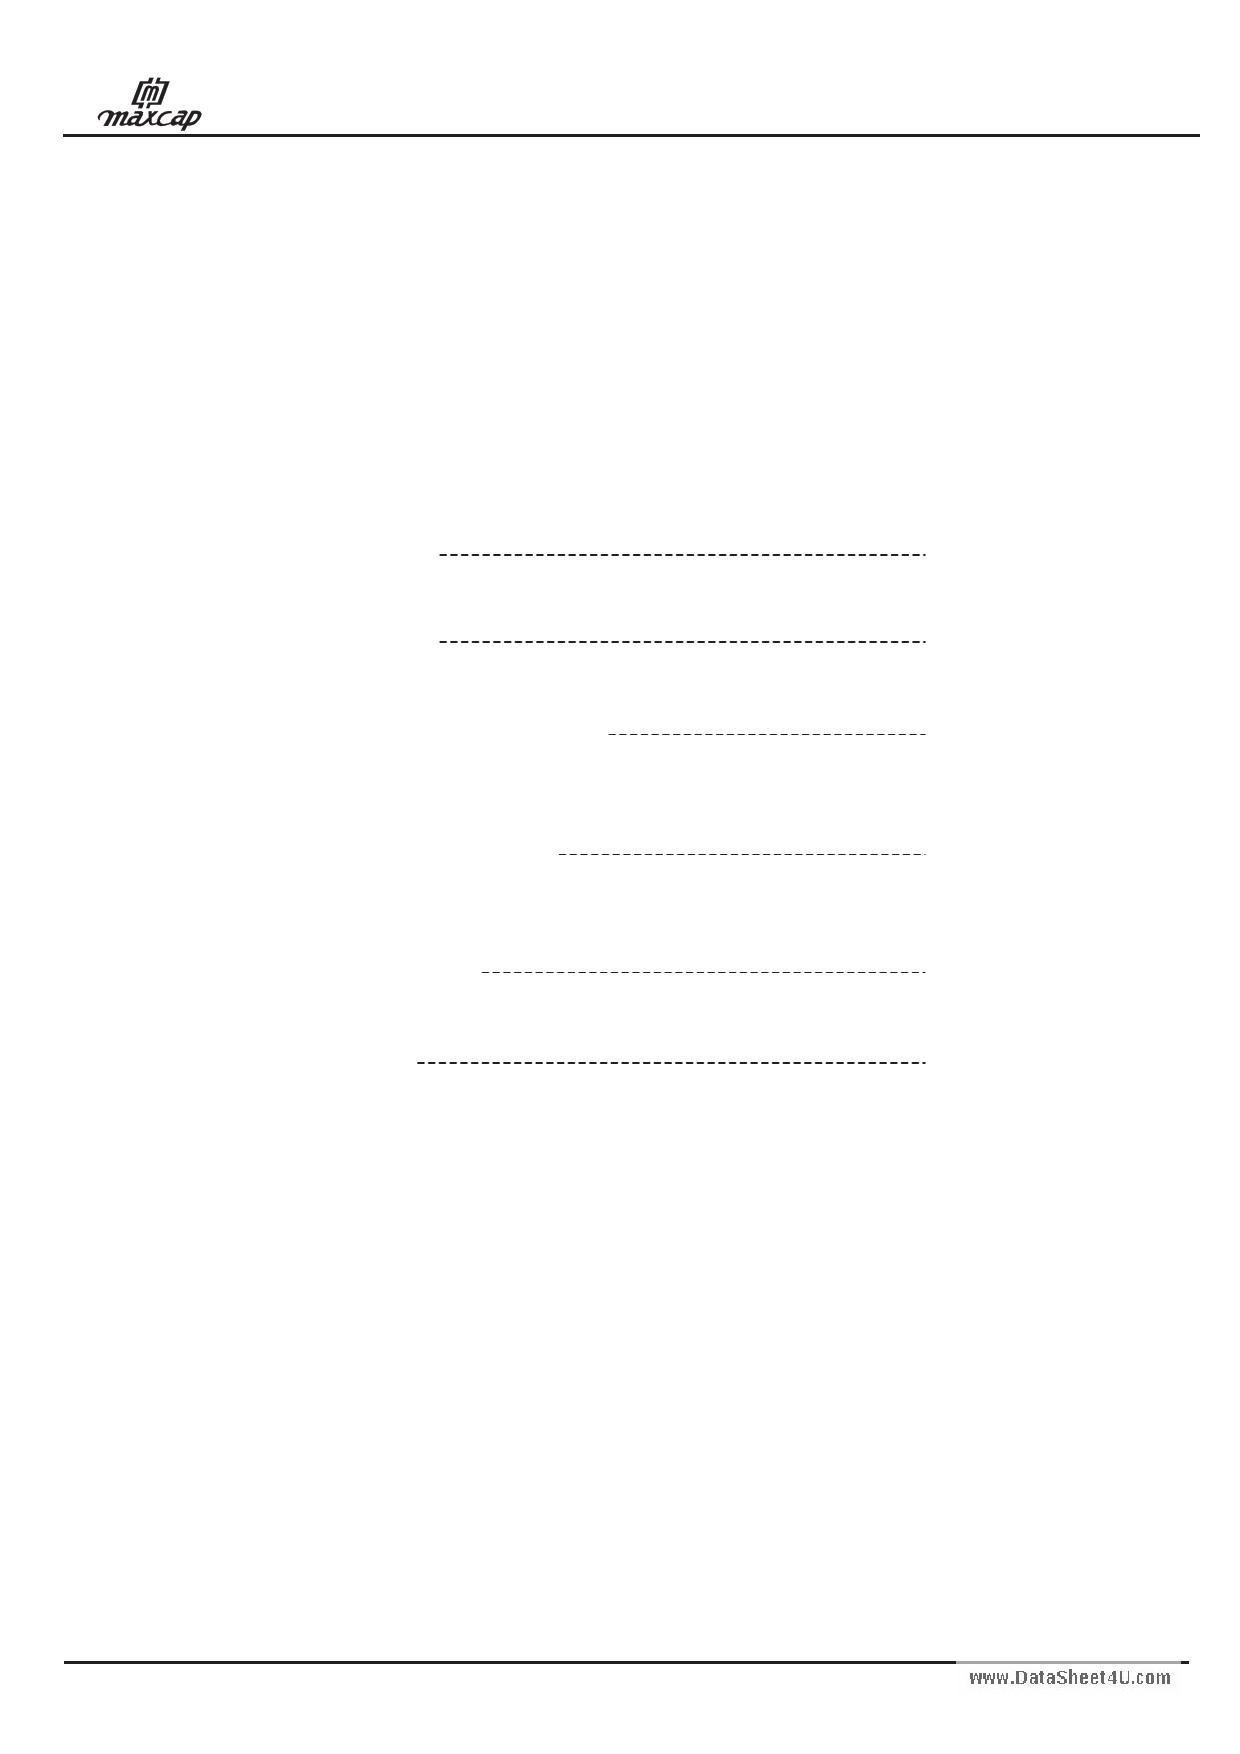 E050224M Даташит, Описание, Даташиты